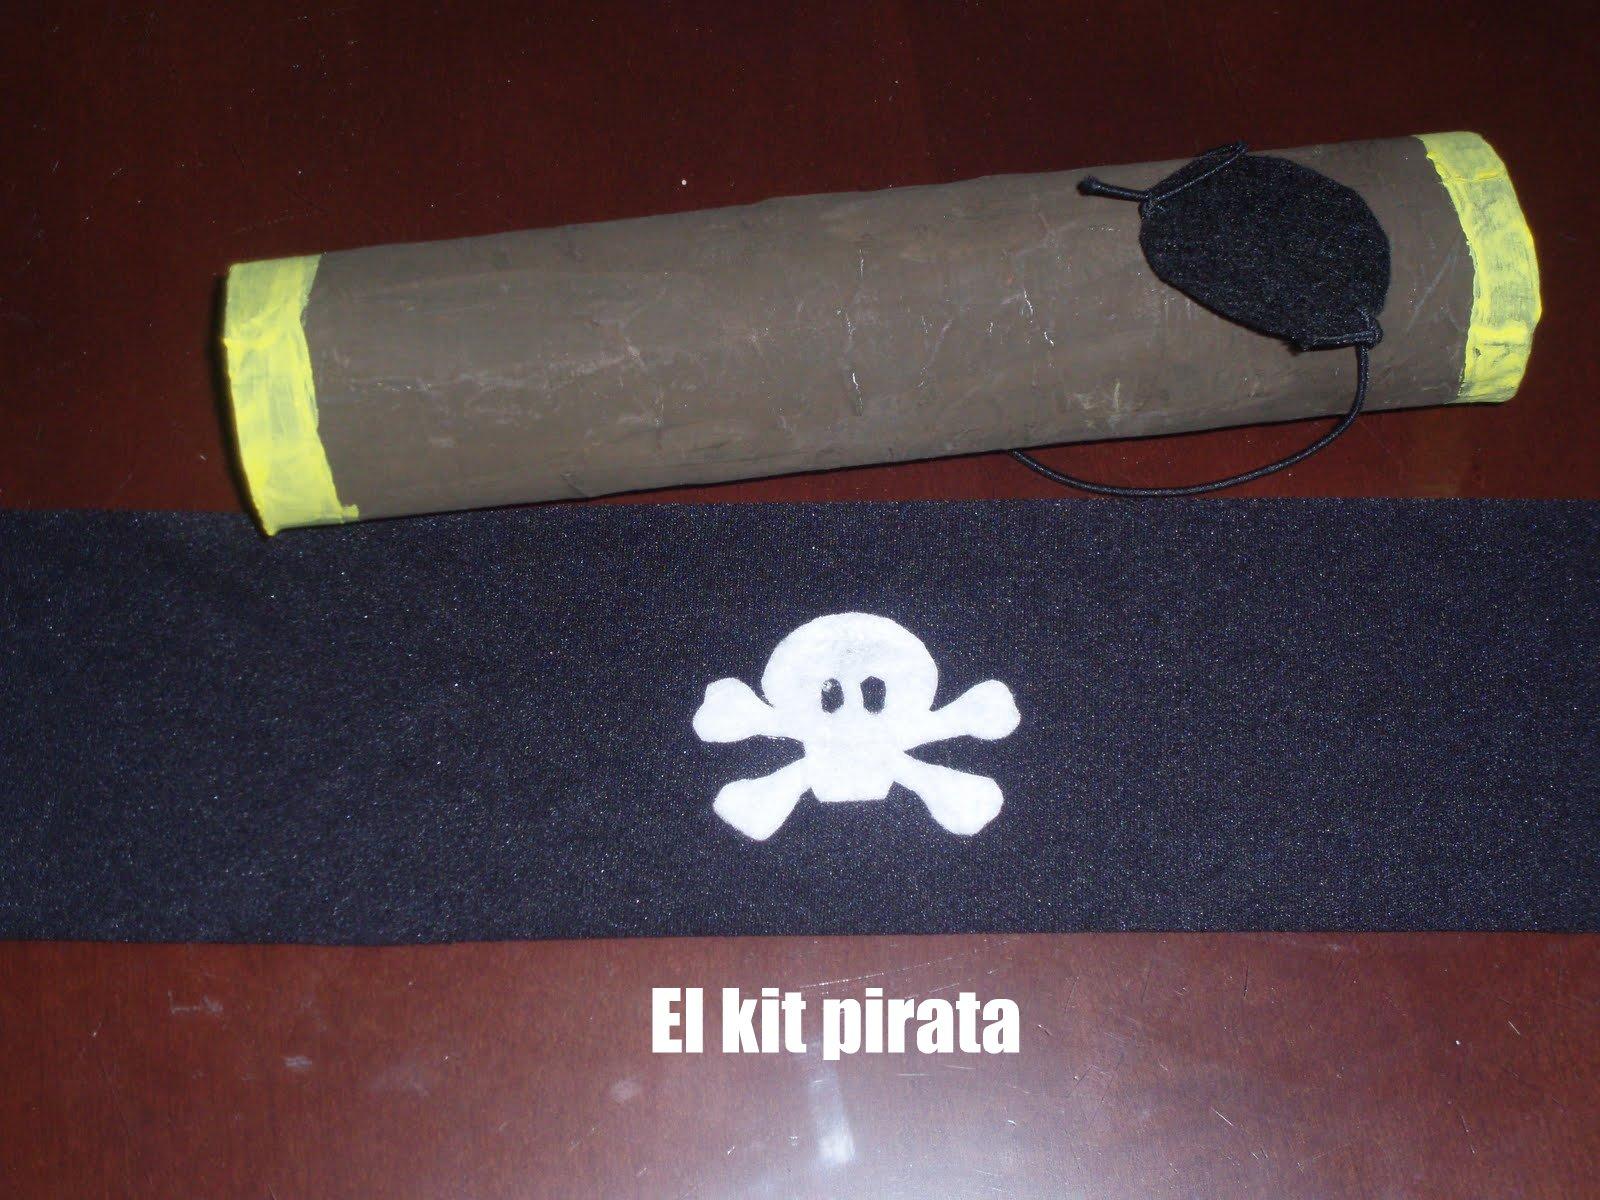 un parche pirata con goma elastica y fieltro negro